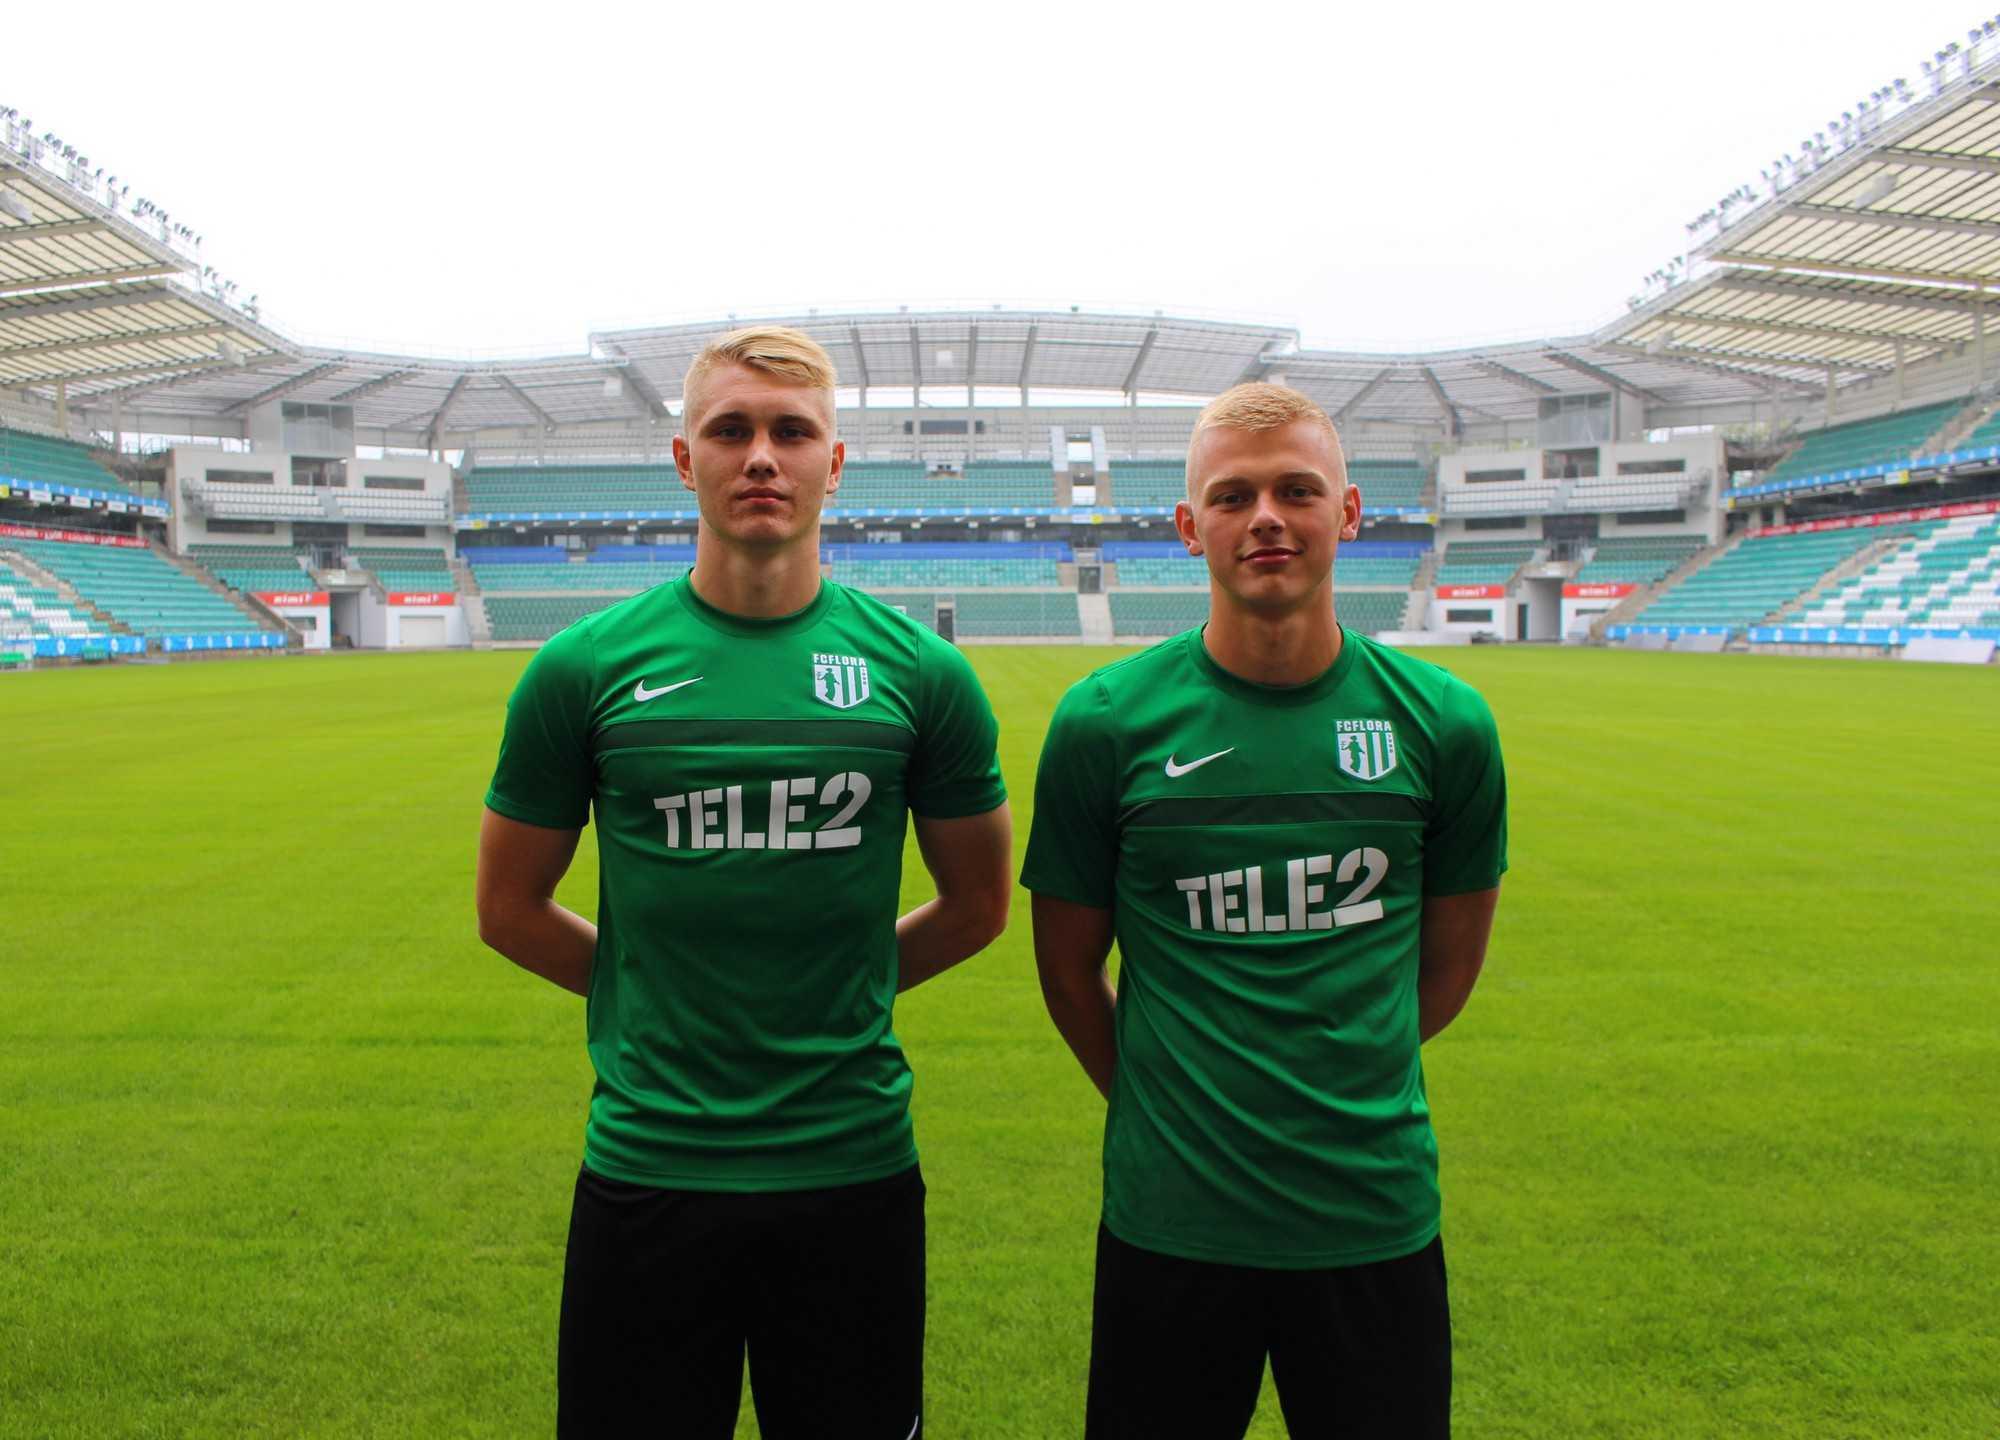 28f00ef4572 Jalgpalliklubi FC Flora ja Nõmme Kalju FC allkirjastasid eile kokkuleppe,  mille kohaselt FC Flora omandas Nõmme Kalju jalgpallurite Henrik Pürgi  (sünd.